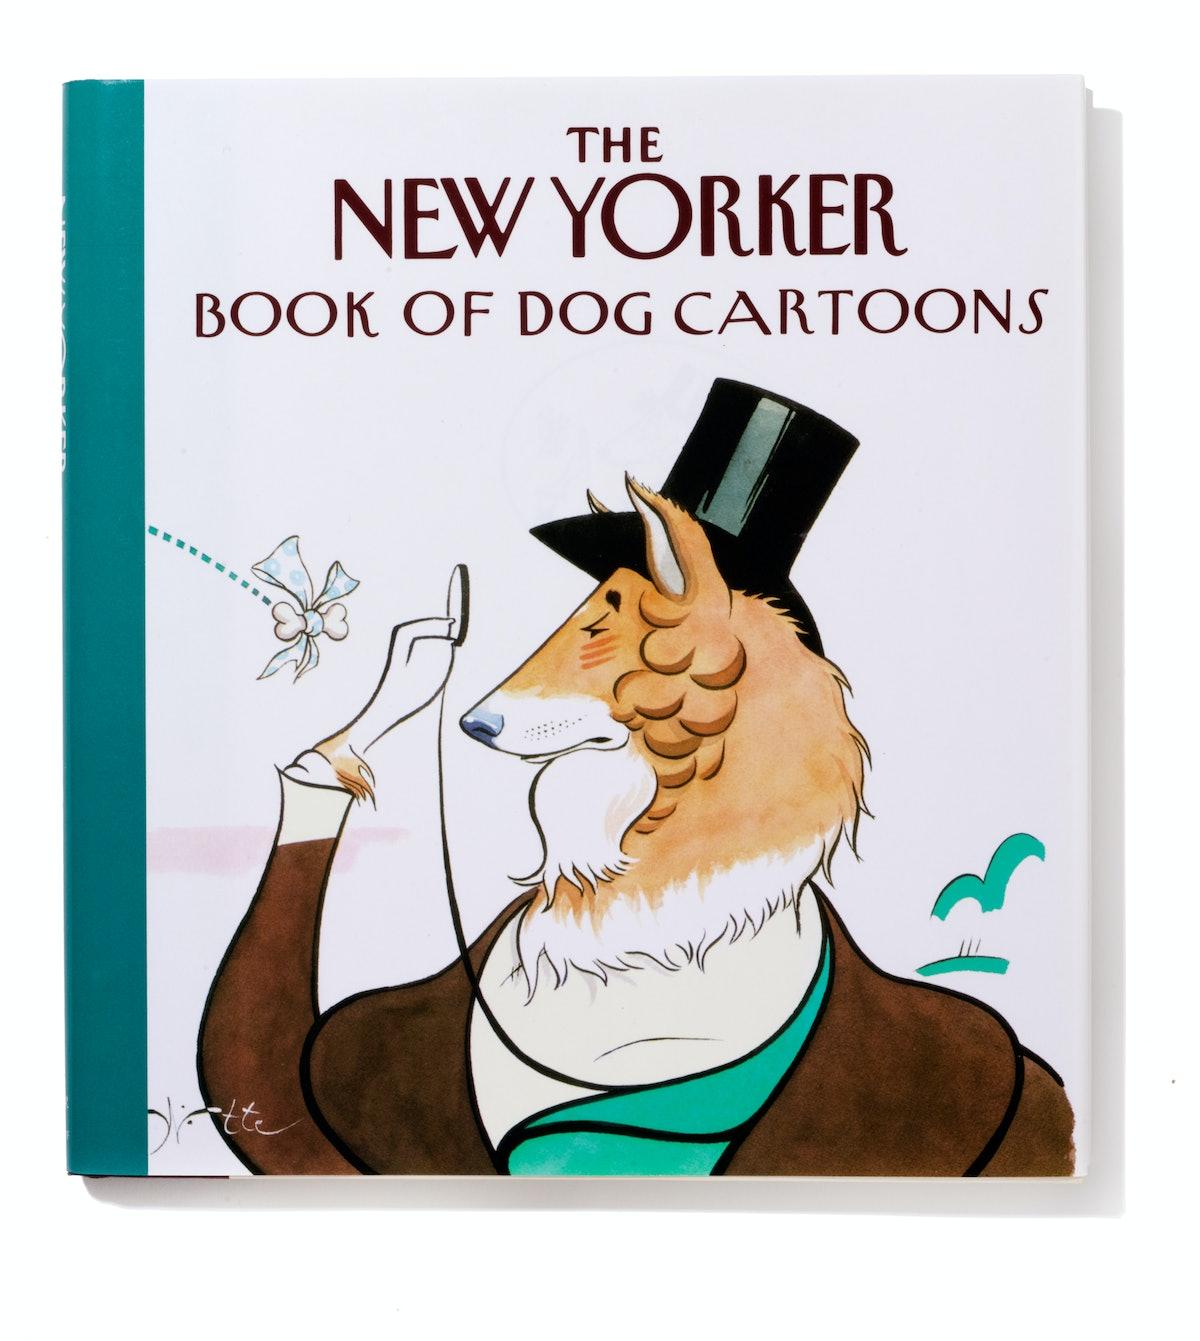 The New Yorker Book of Dog Cartoons, $24, barnesandnoble.com.